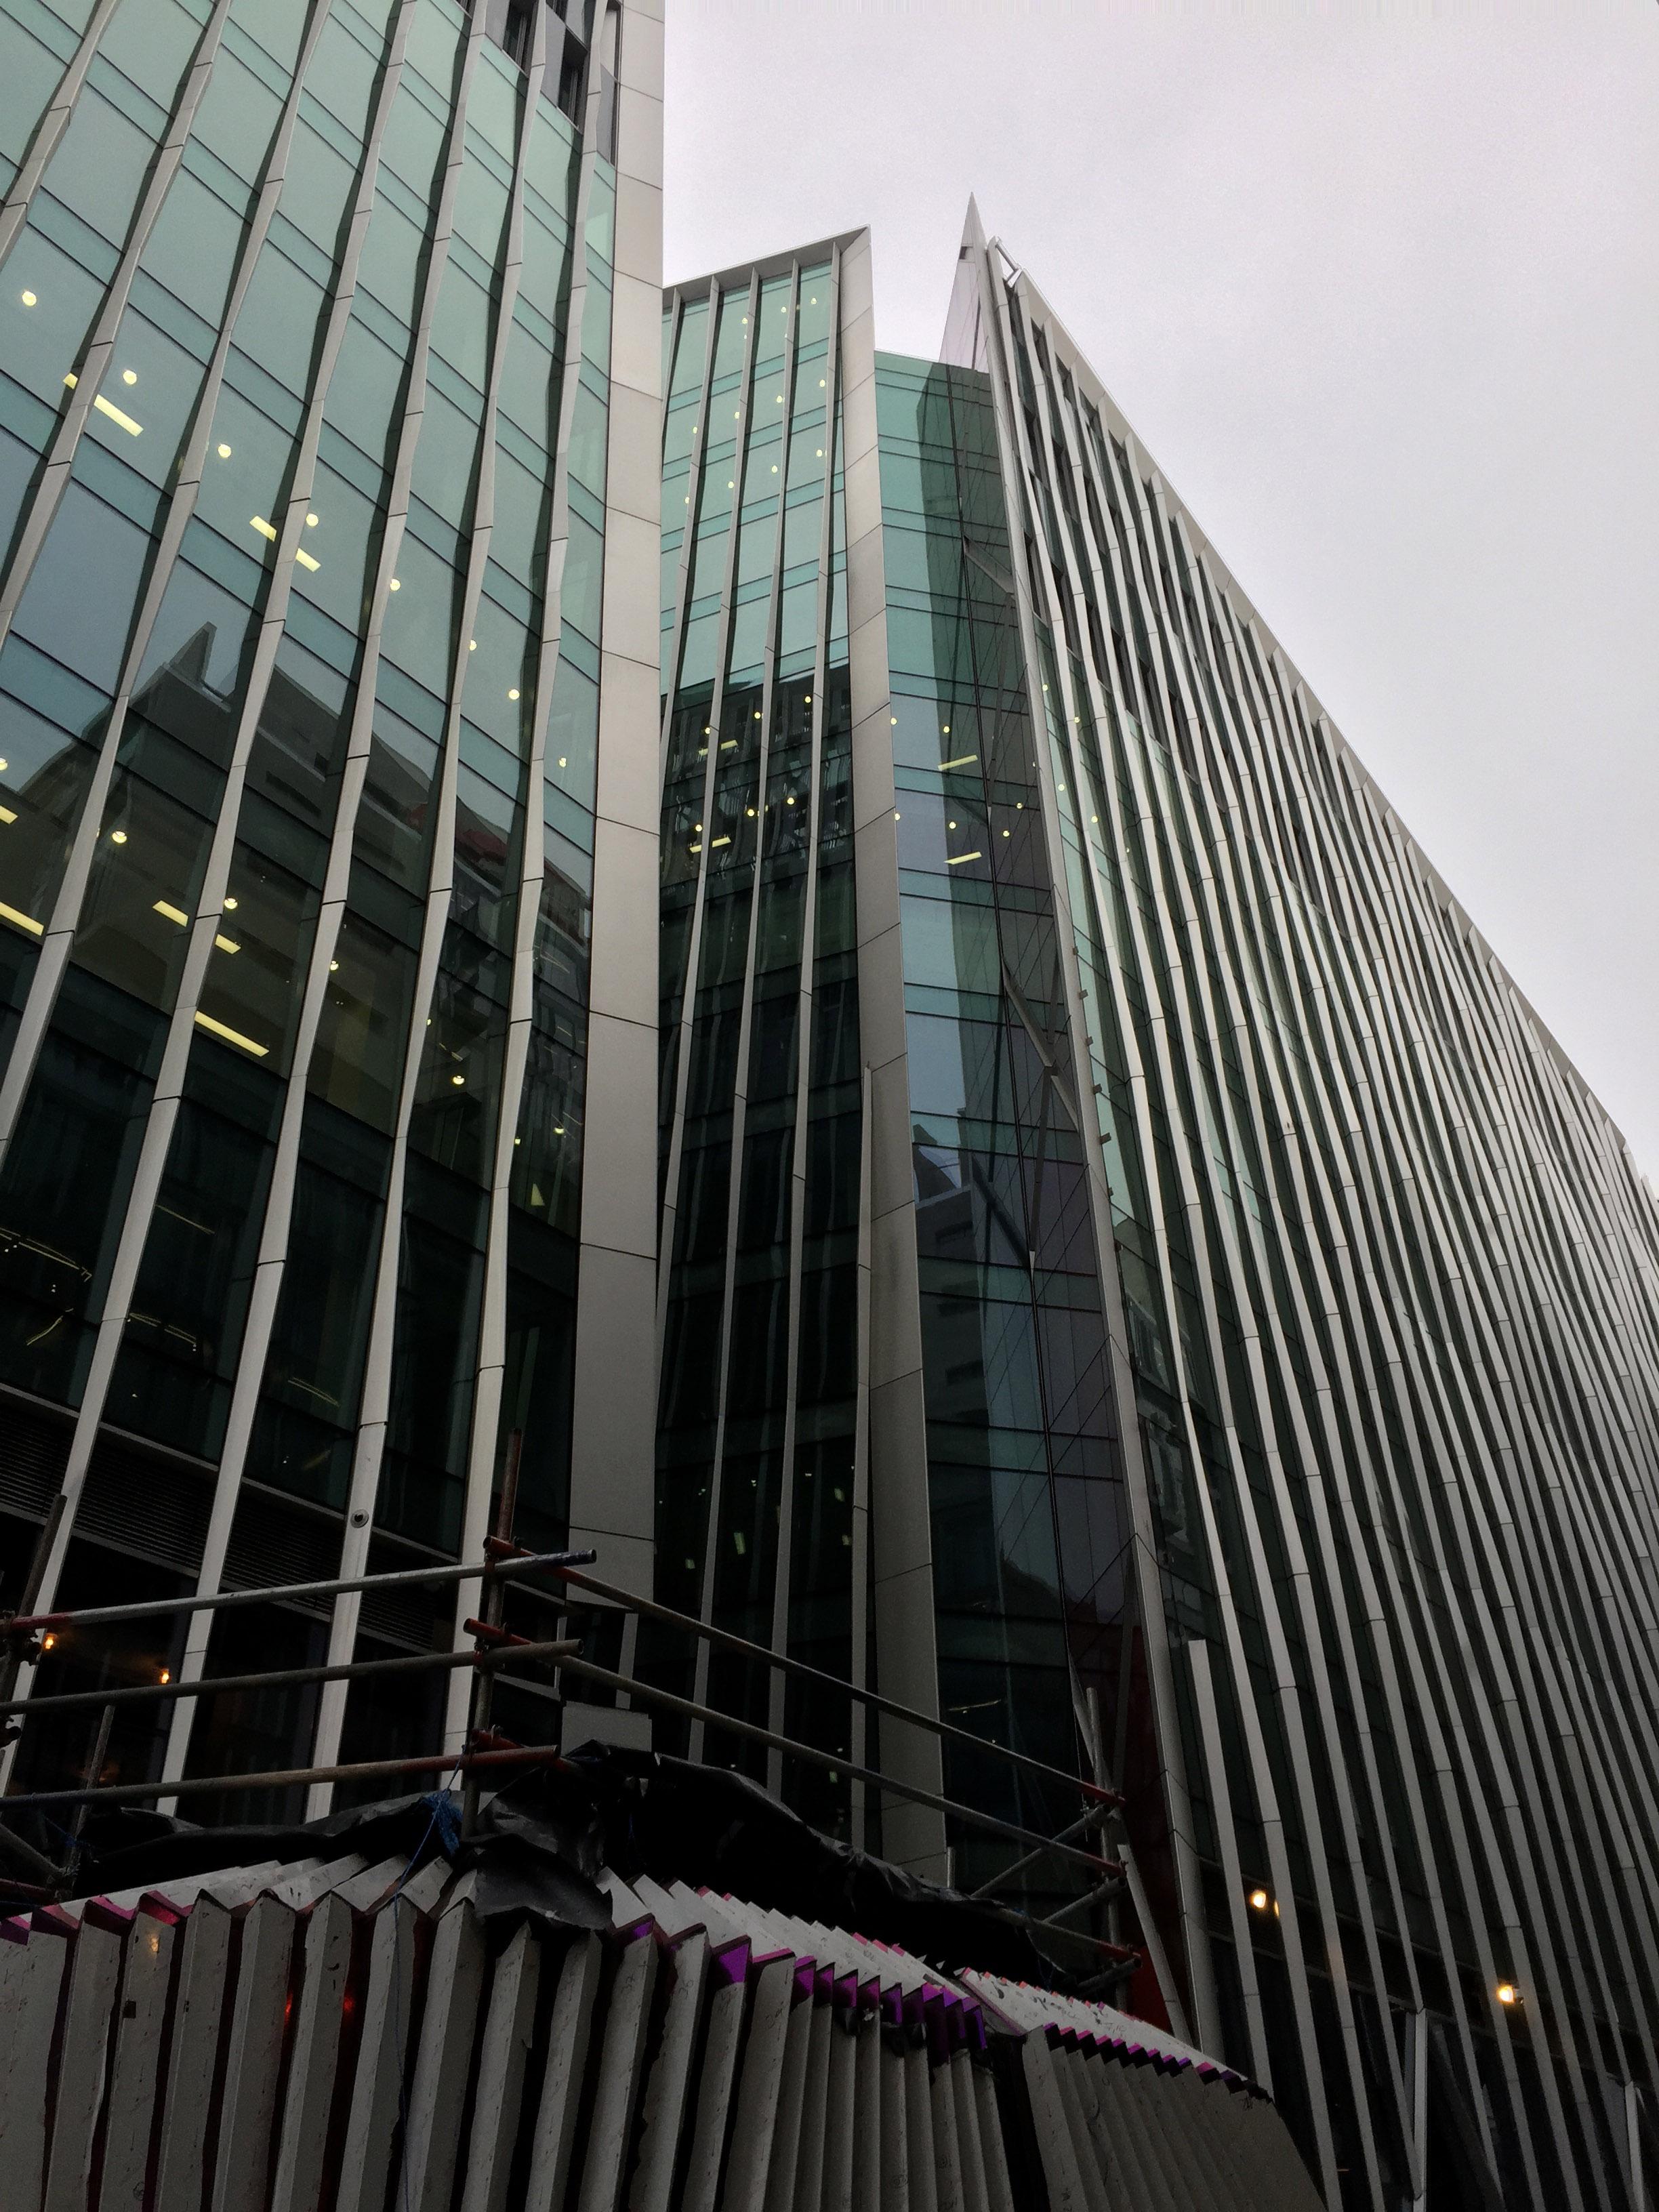 New Buildings Nova Sw1 London Victoria Modern Architecture